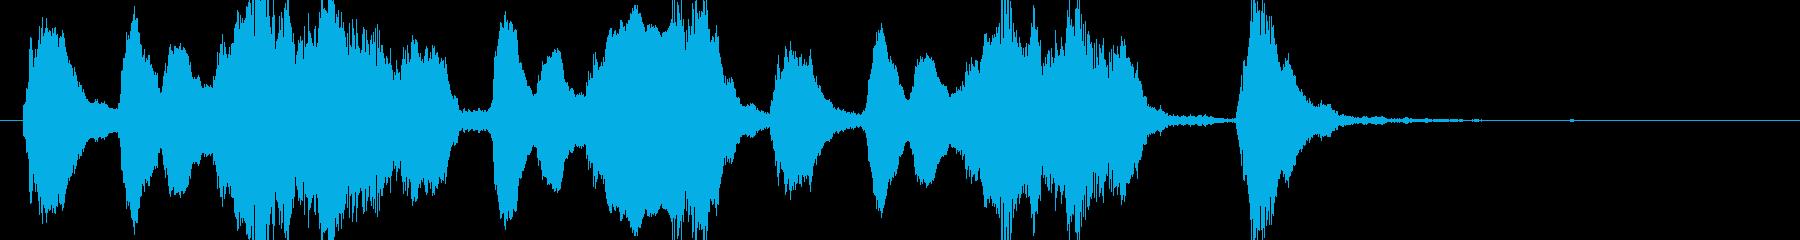 ファゴットの怪しいコミカルなジングルの再生済みの波形